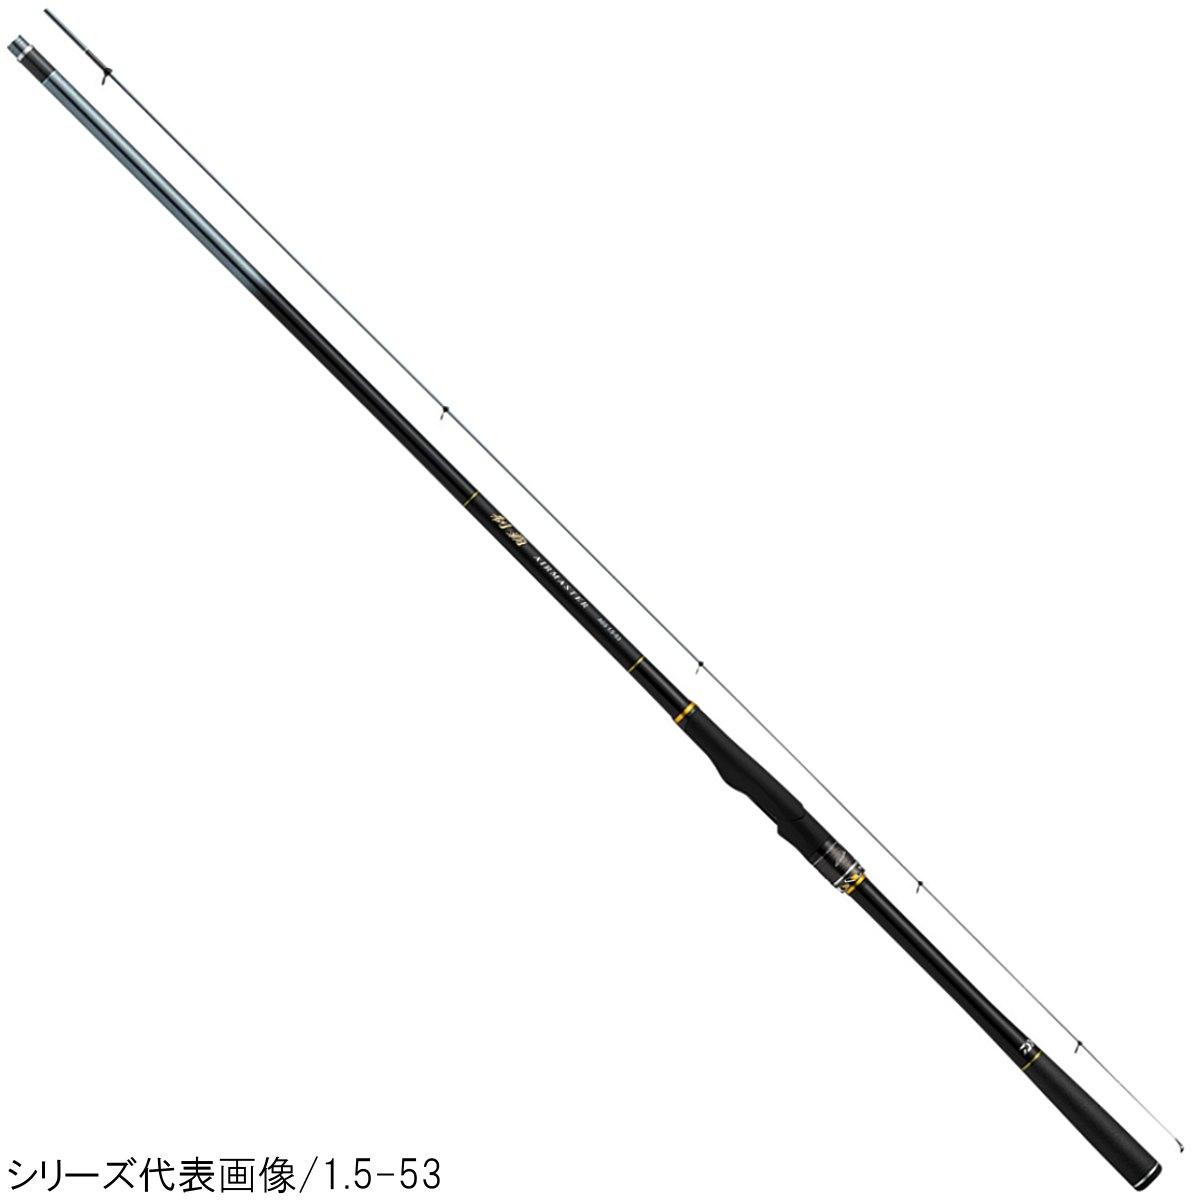 制覇エアマスター AGS 1-53 ダイワ【同梱不可】